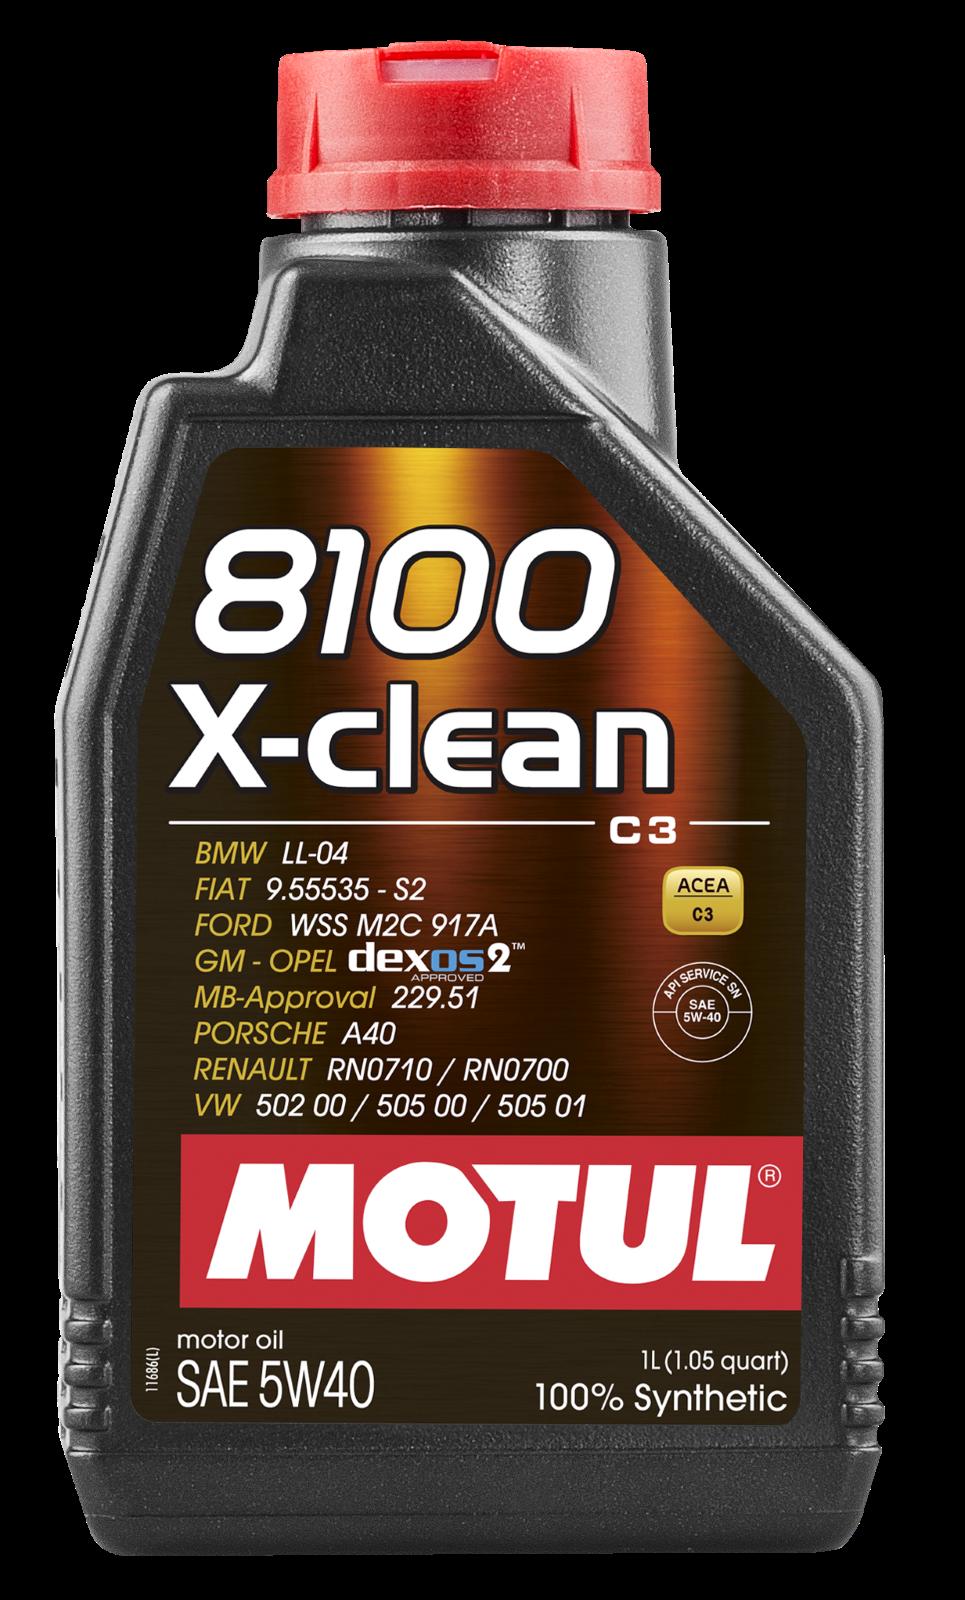 MOTUL AG MOTUL 8100 X-clean 5W-40 1L